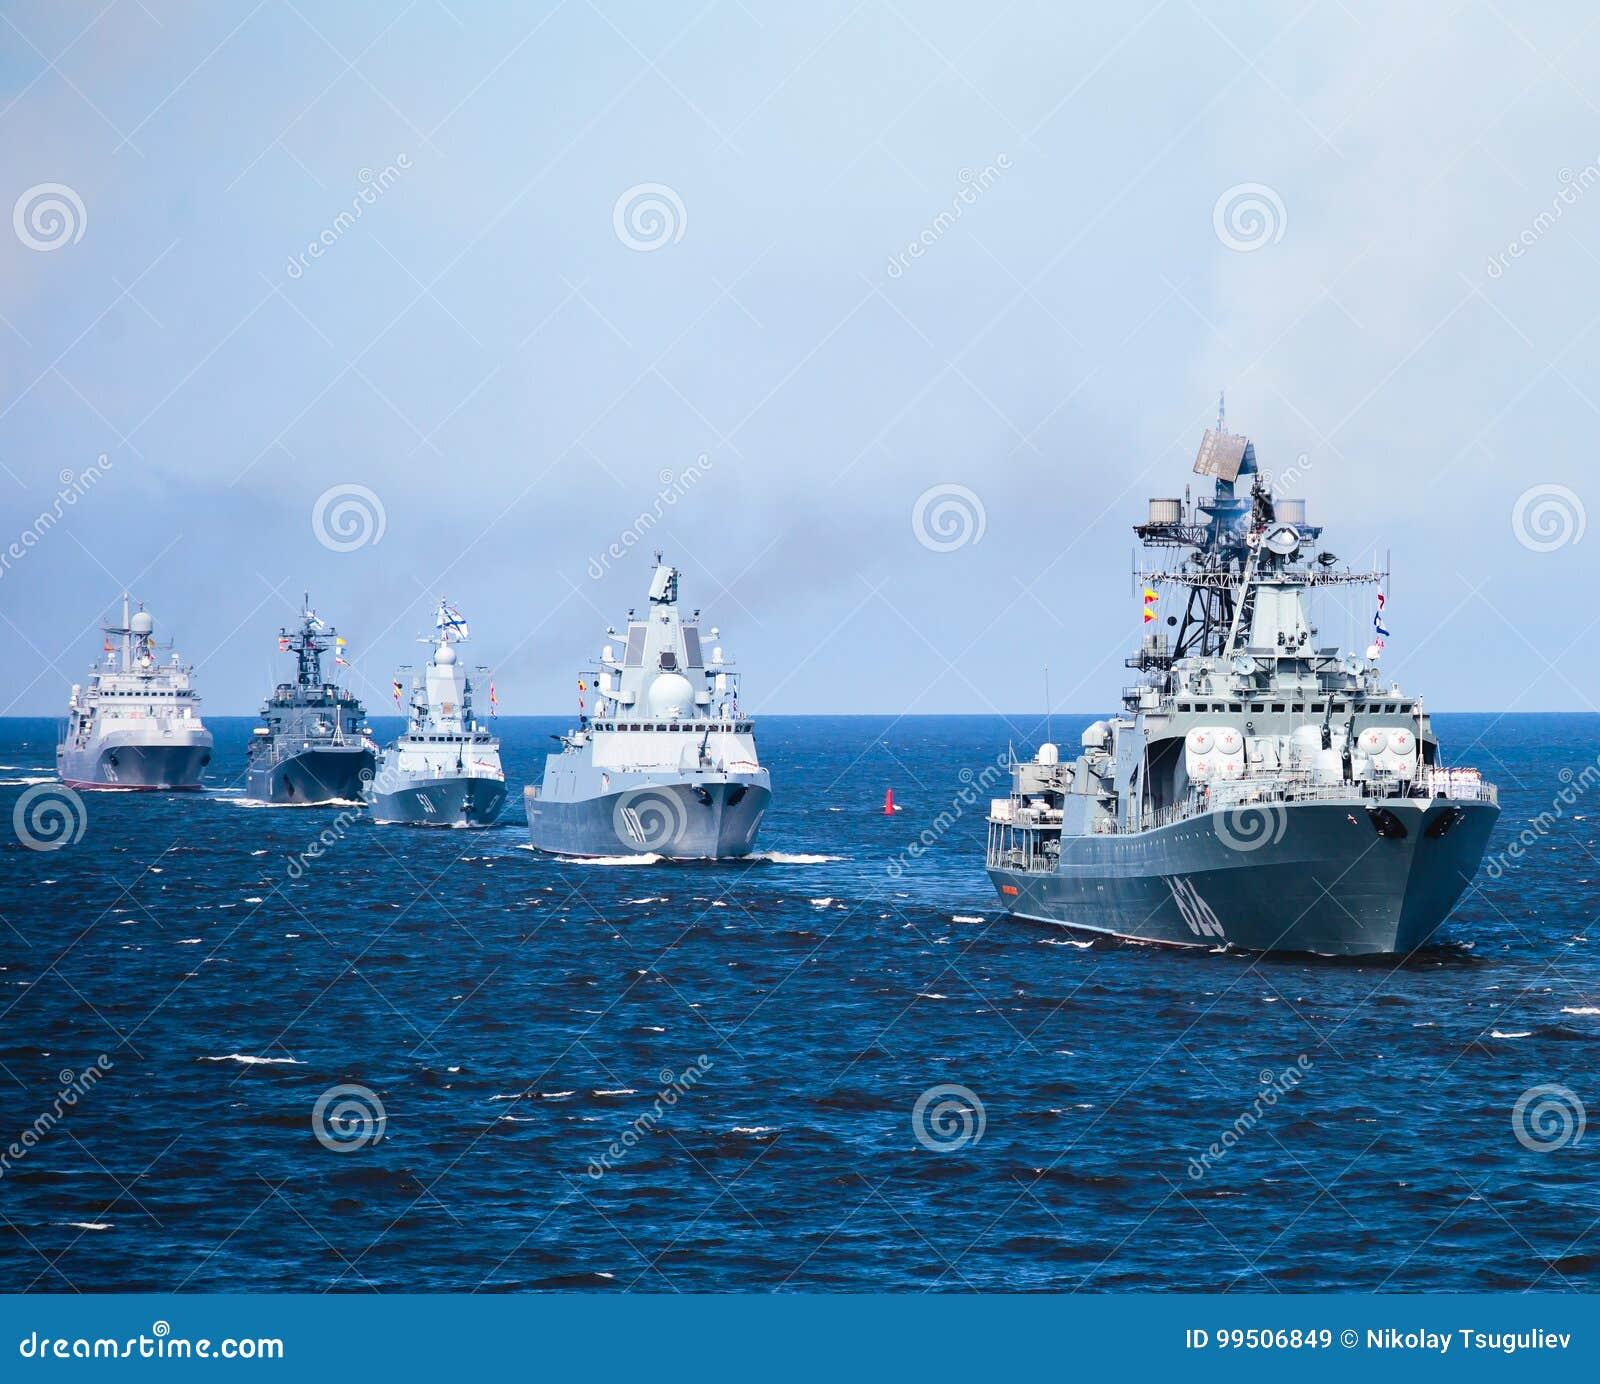 现代俄国军用海军战舰军舰线在行、北舰队和波罗的海舰队的在公海